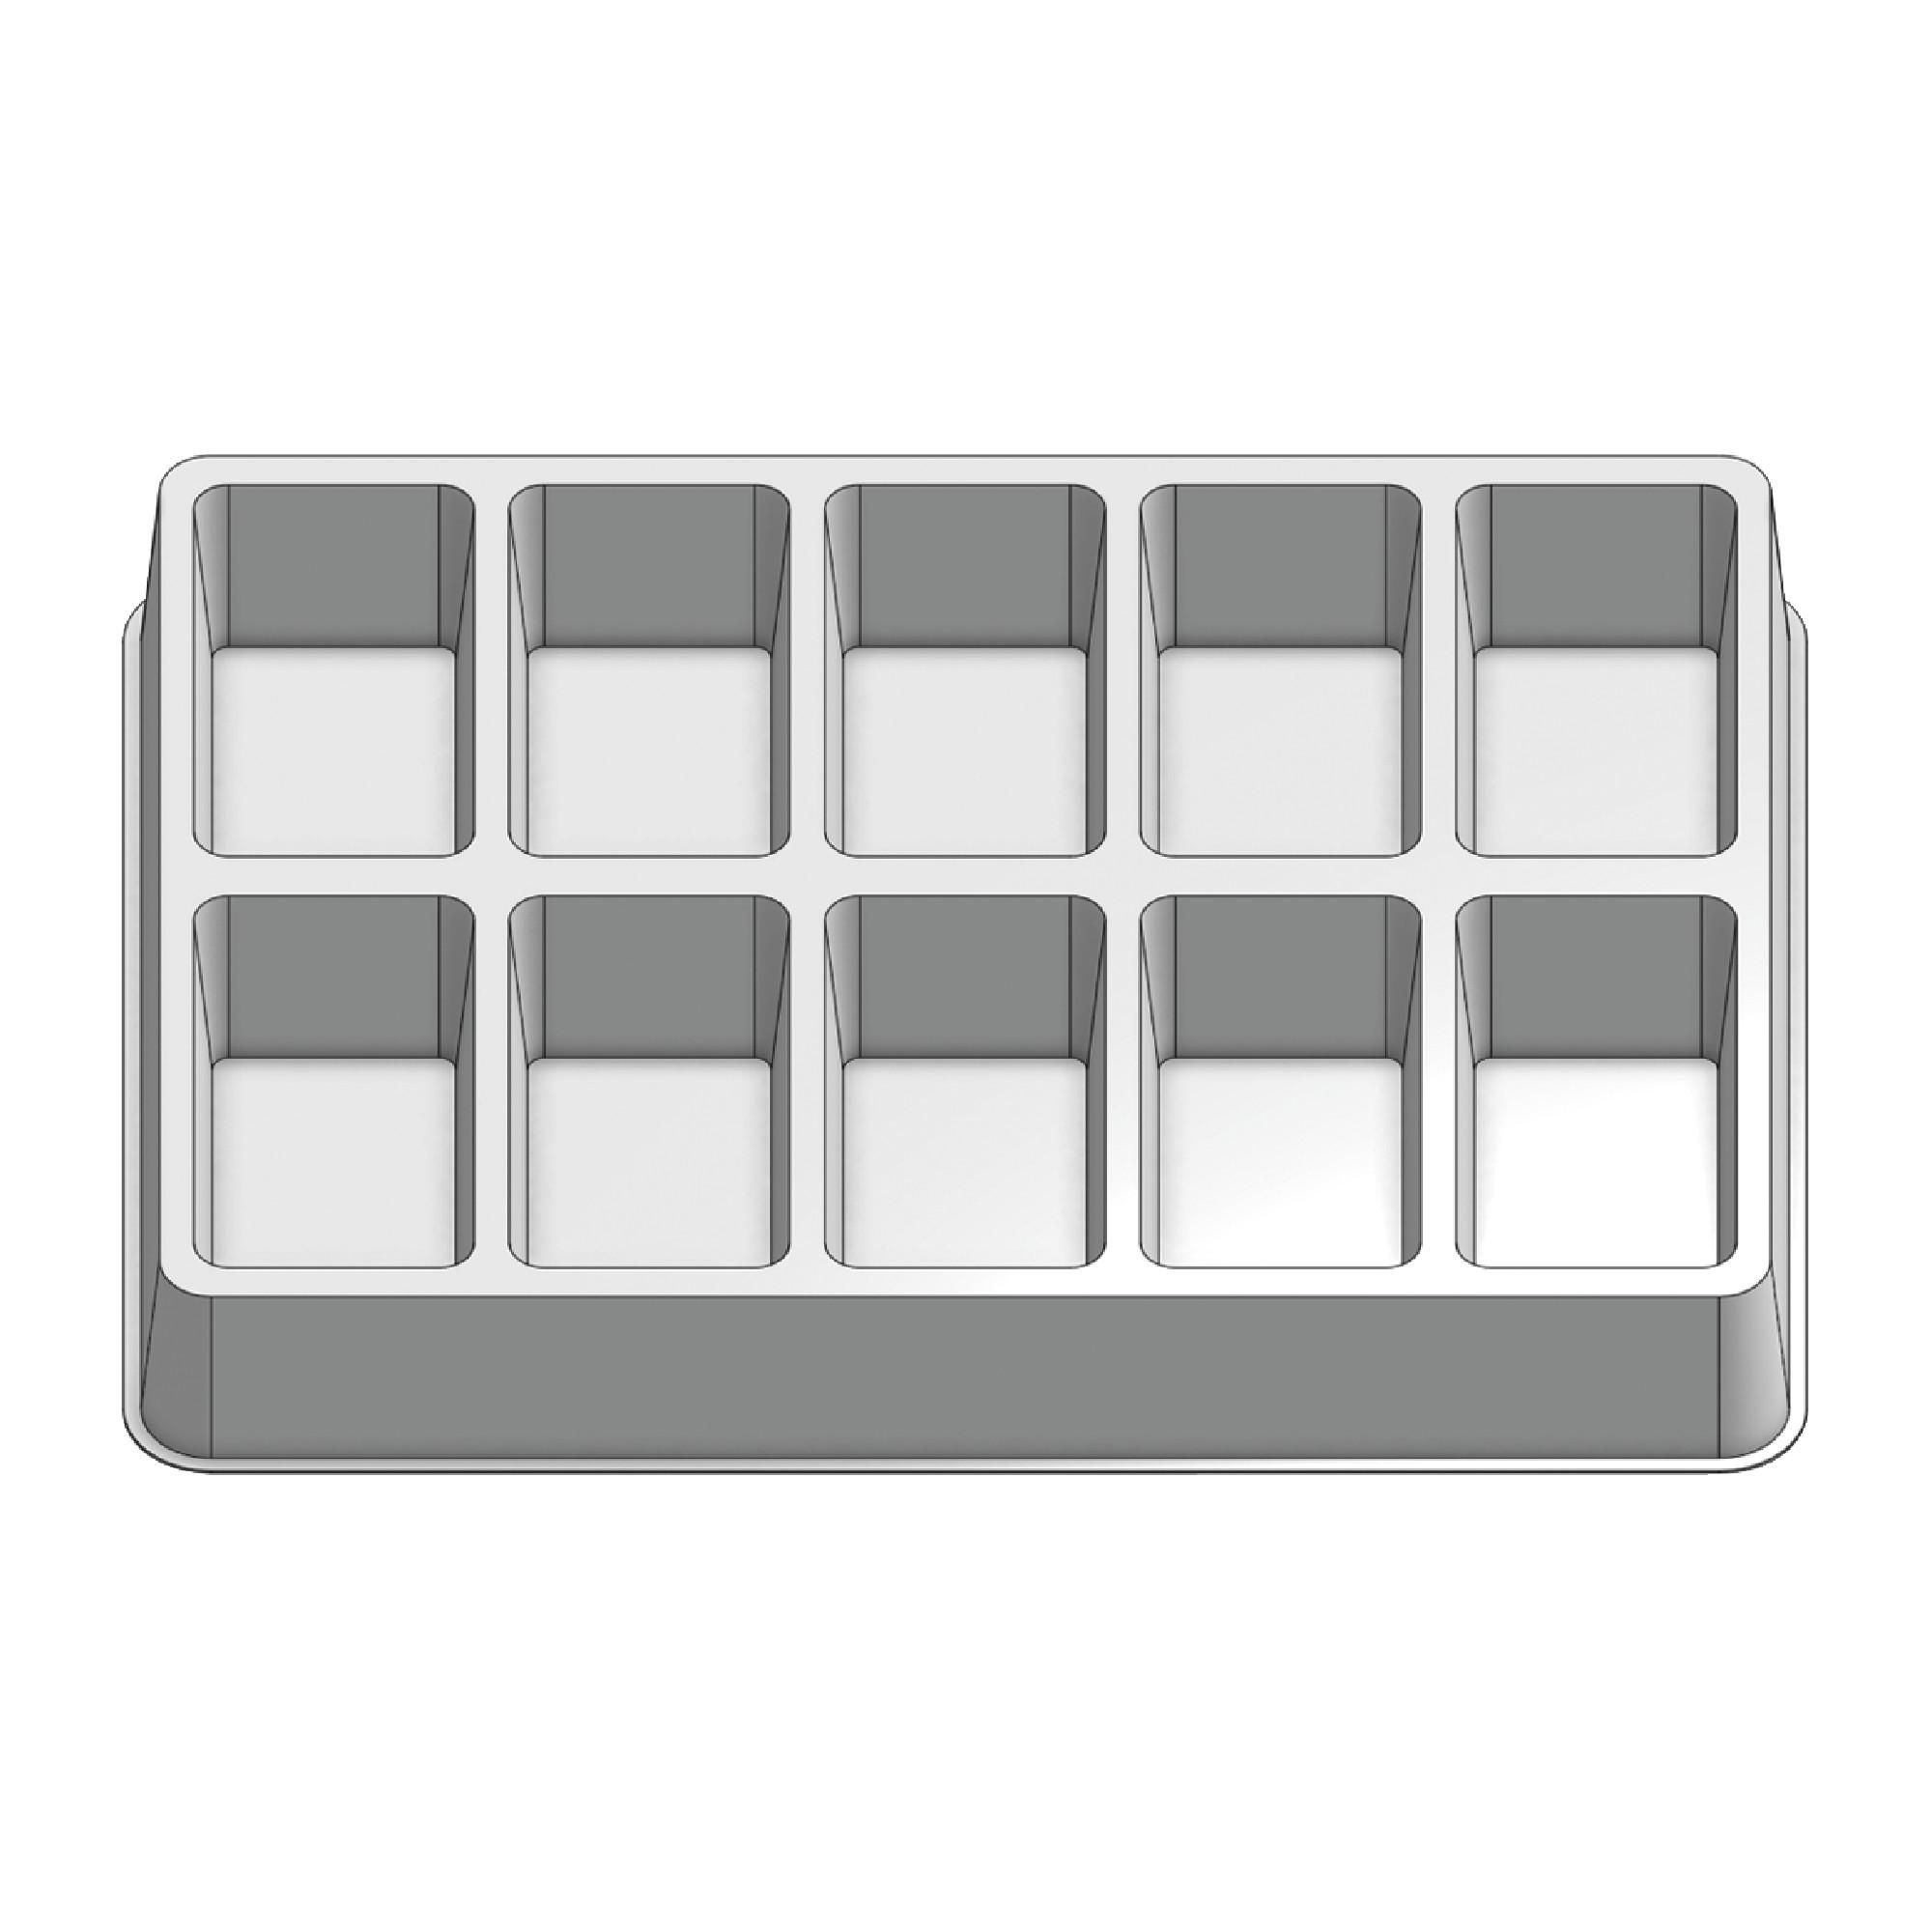 10 Pocket Stock Plastic Tray